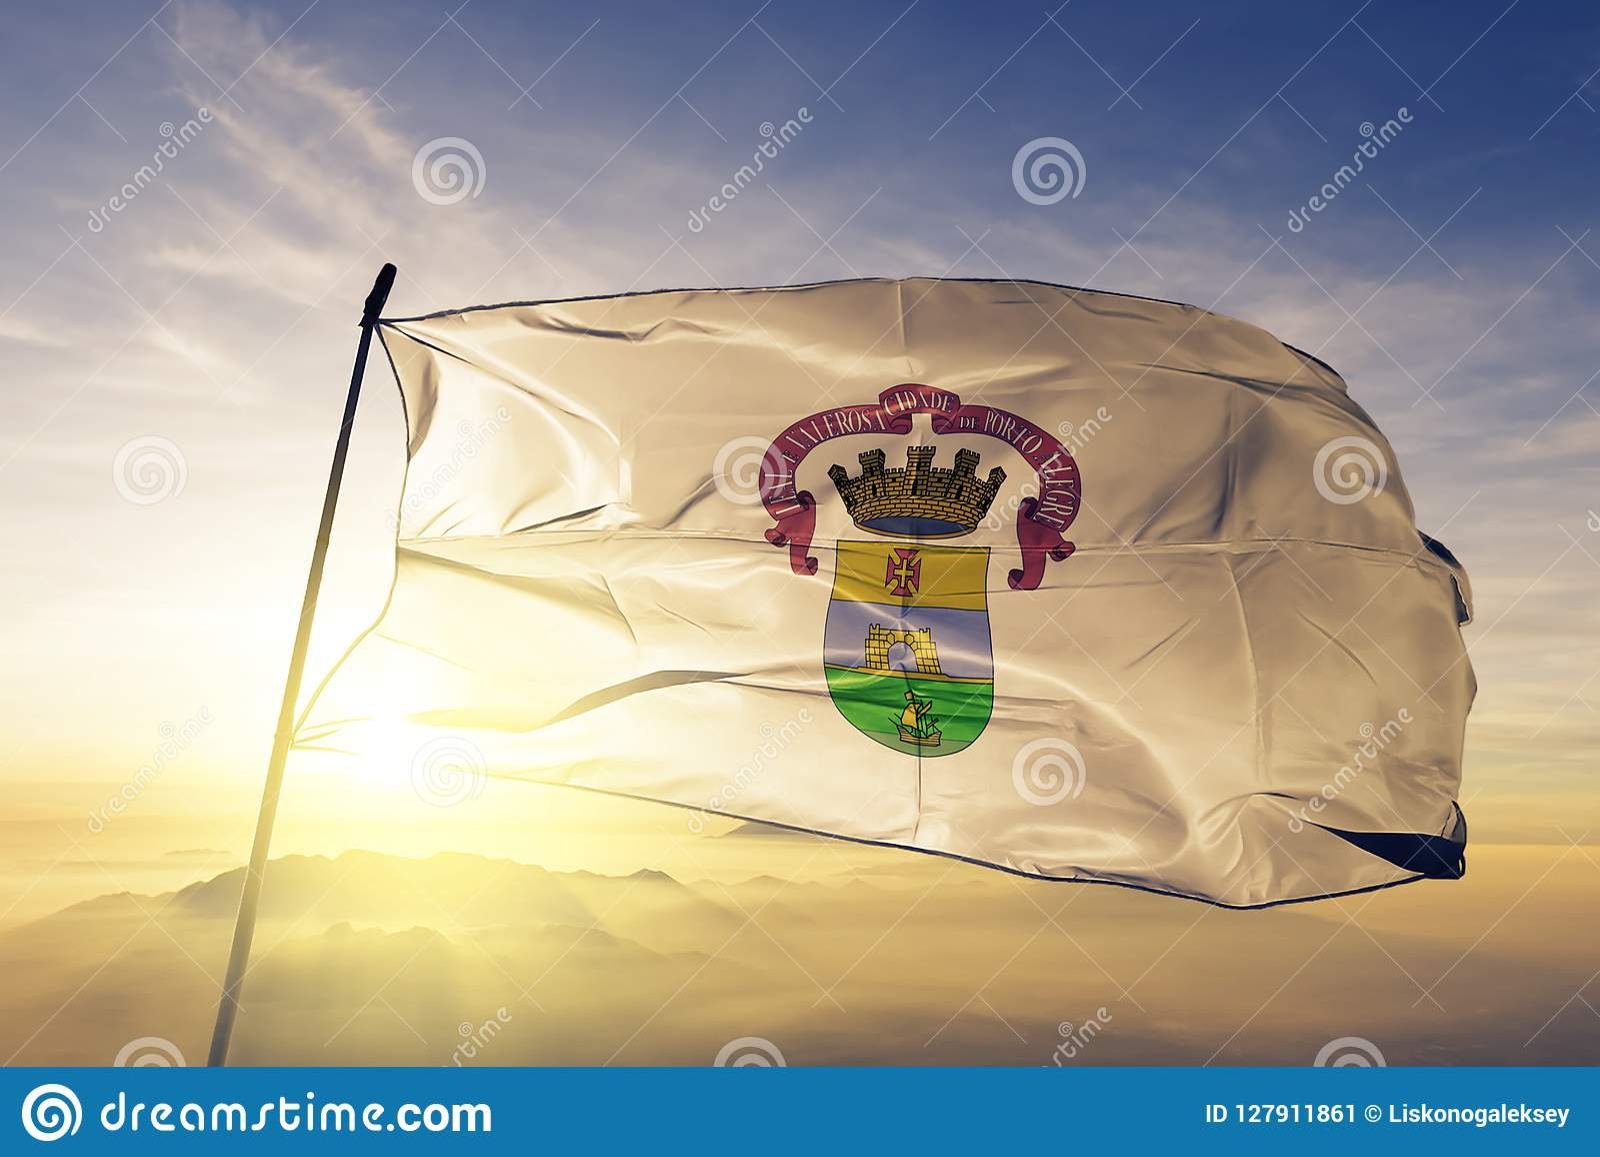 Tyg för torkduk för textil för Porto Alegre cityofBrasilien flagga som vinkar på den bästa soluppgångmistdimman